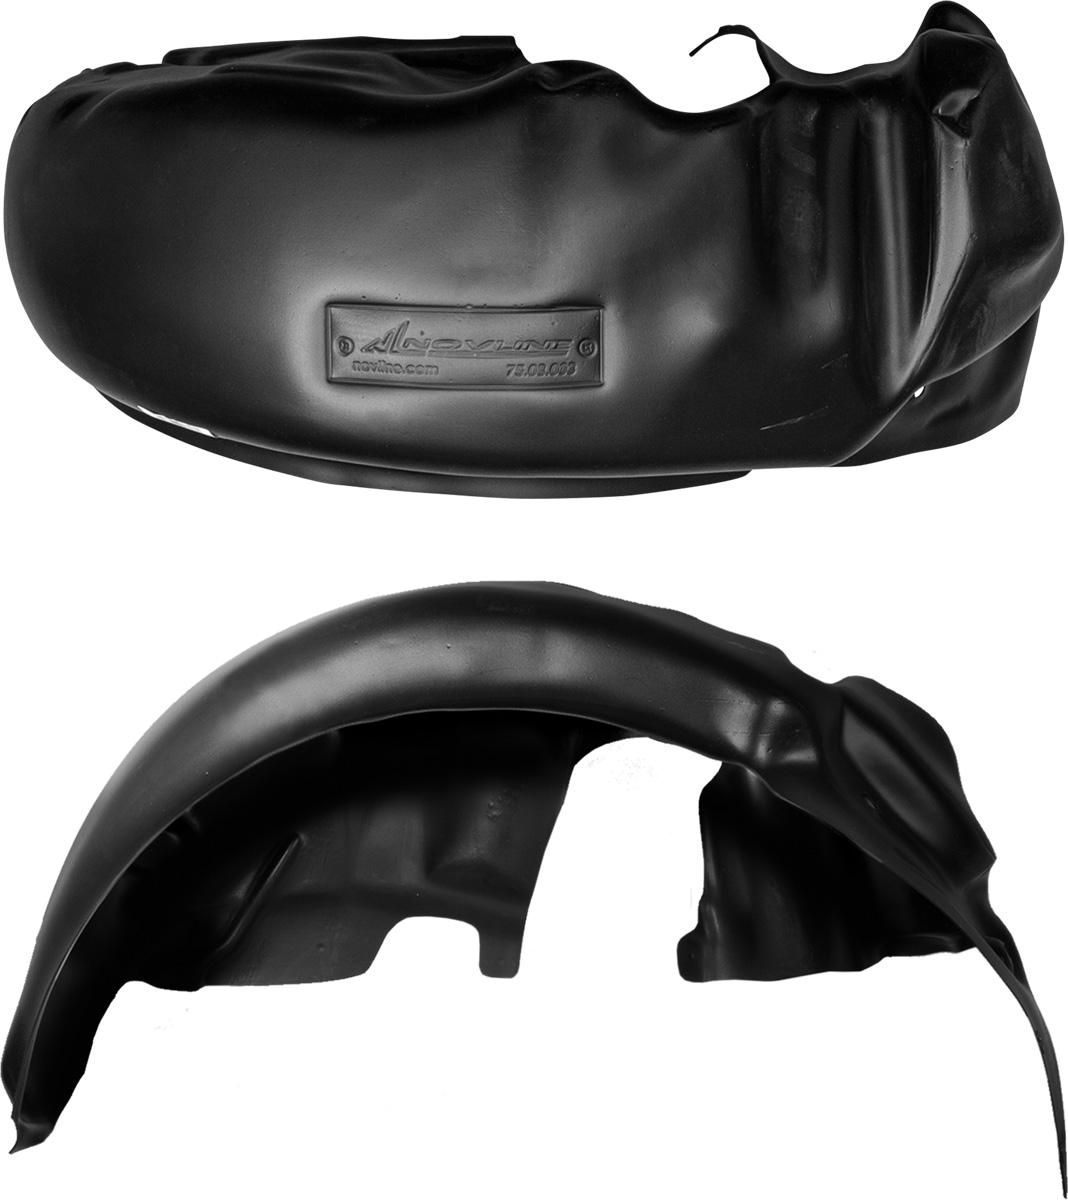 Подкрылок Novline-Autofamily, для Chevrolet Aveo, 2012 ->, седан (задний левый)NLL.08.15.003Подкрылок выполнен из высококачественного, экологически чистого пластика. Обеспечивает надежную защиту кузова автомобиля от пескоструйного эффекта и негативного влияния, агрессивных антигололедных реагентов. Пластик обладает более низкой теплопроводностью, чем металл, поэтому в зимний период эксплуатации использование пластиковых подкрылков позволяет лучше защитить колесные ниши от налипания снега и образования наледи. Оригинальность конструкции подчеркивает элегантность автомобиля, бережно защищает нанесенное на днище кузова антикоррозийное покрытие и позволяет осуществить крепление подкрылка внутри колесной арки практически без дополнительного крепежа и сверления, не нарушая при этом лакокрасочного покрытия, что предотвращает возникновение новых очагов коррозии. Технология крепления подкрылка на иномарки принципиально отличается от крепления на российские автомобили и разрабатывается индивидуально для каждой модели автомобиля. Подкрылок долговечен, обладает высокой прочностью и...